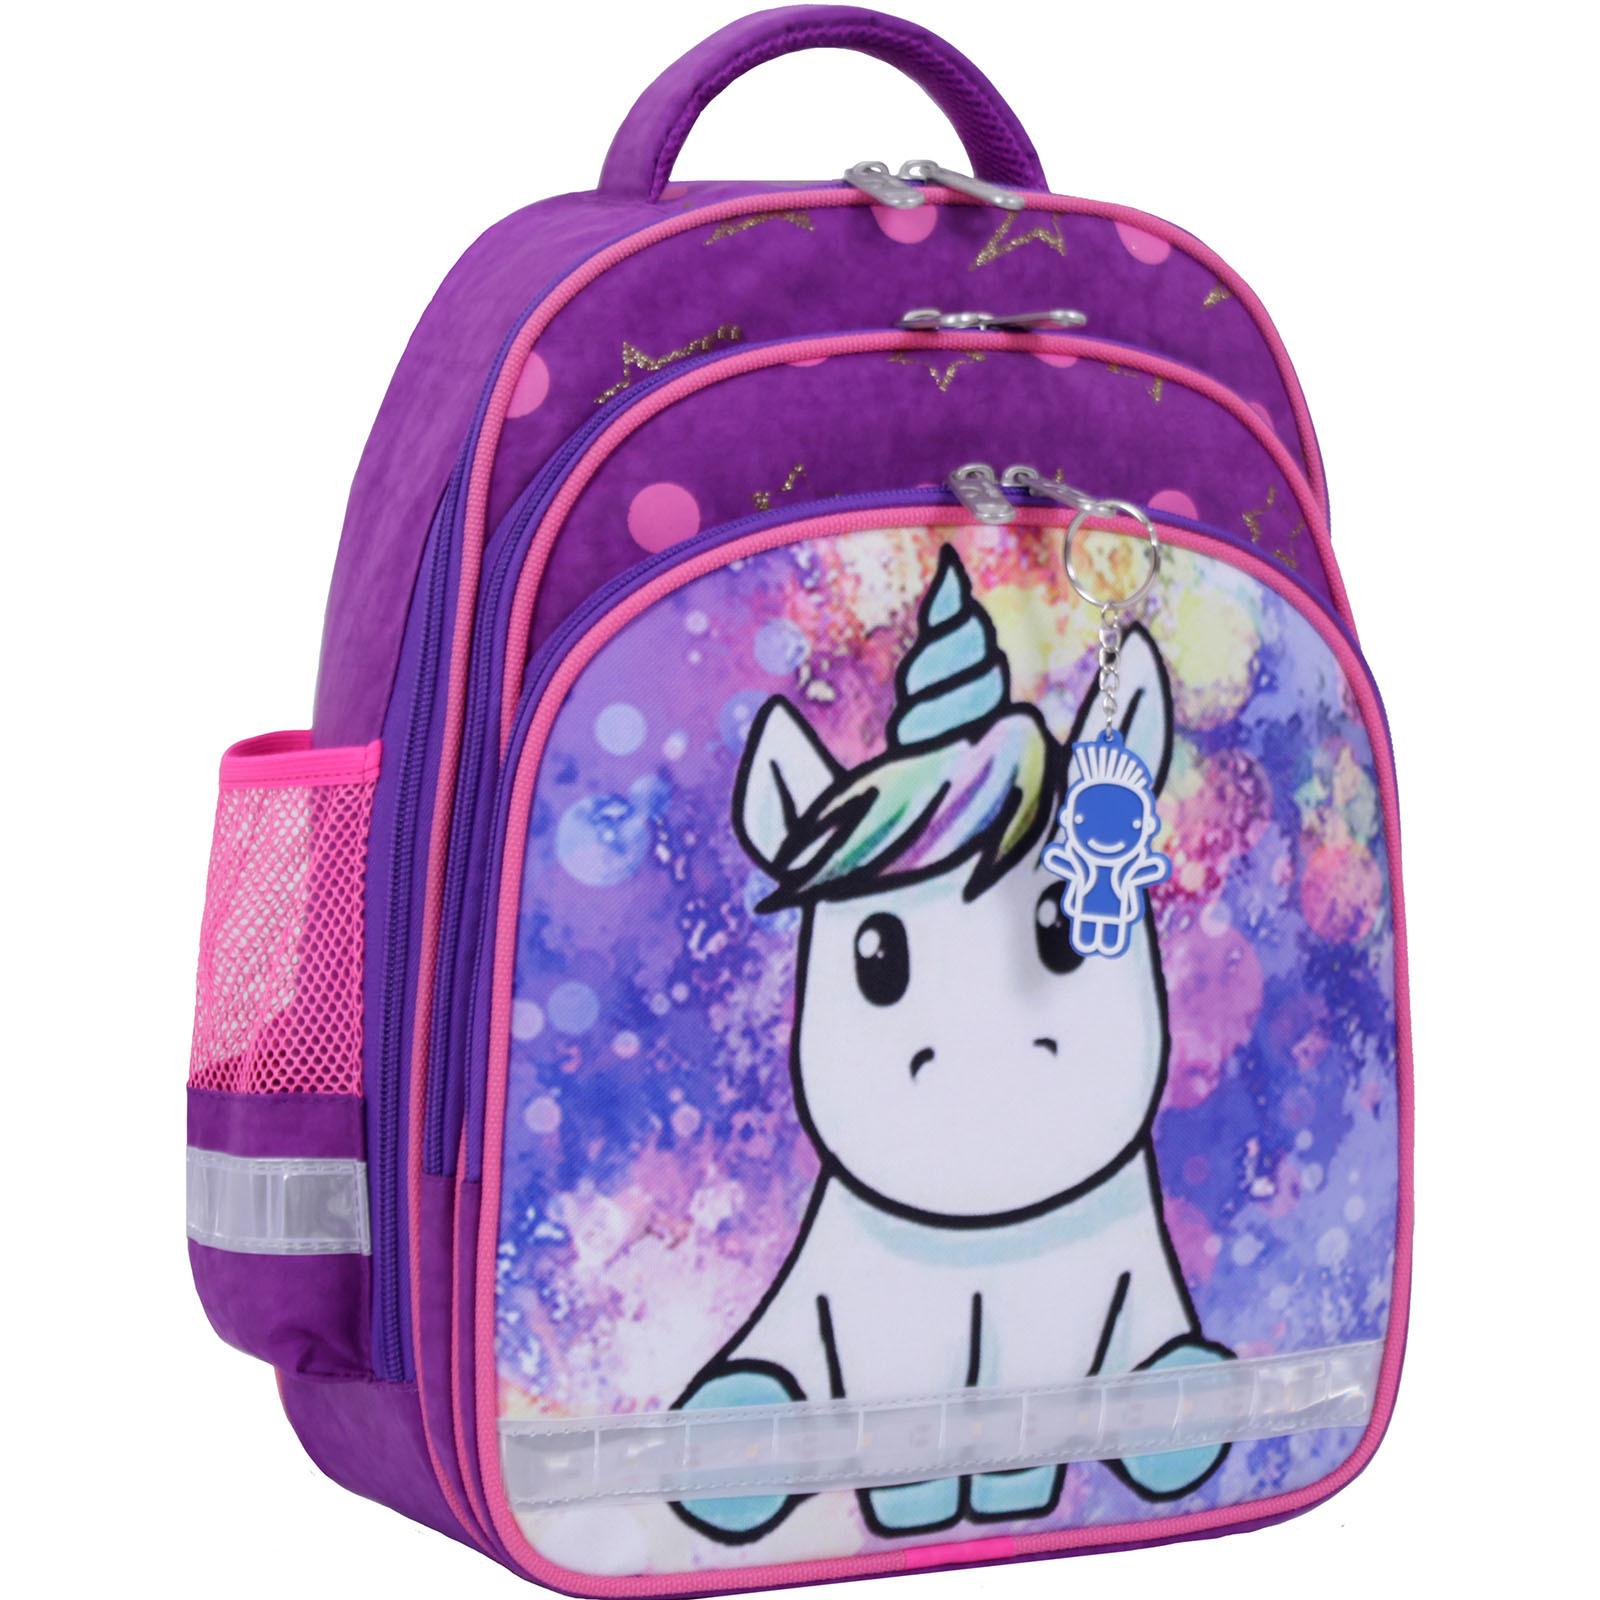 Рюкзак школьный Bagland Mouse 339 фиолетовый 428 (0051370) фото 6